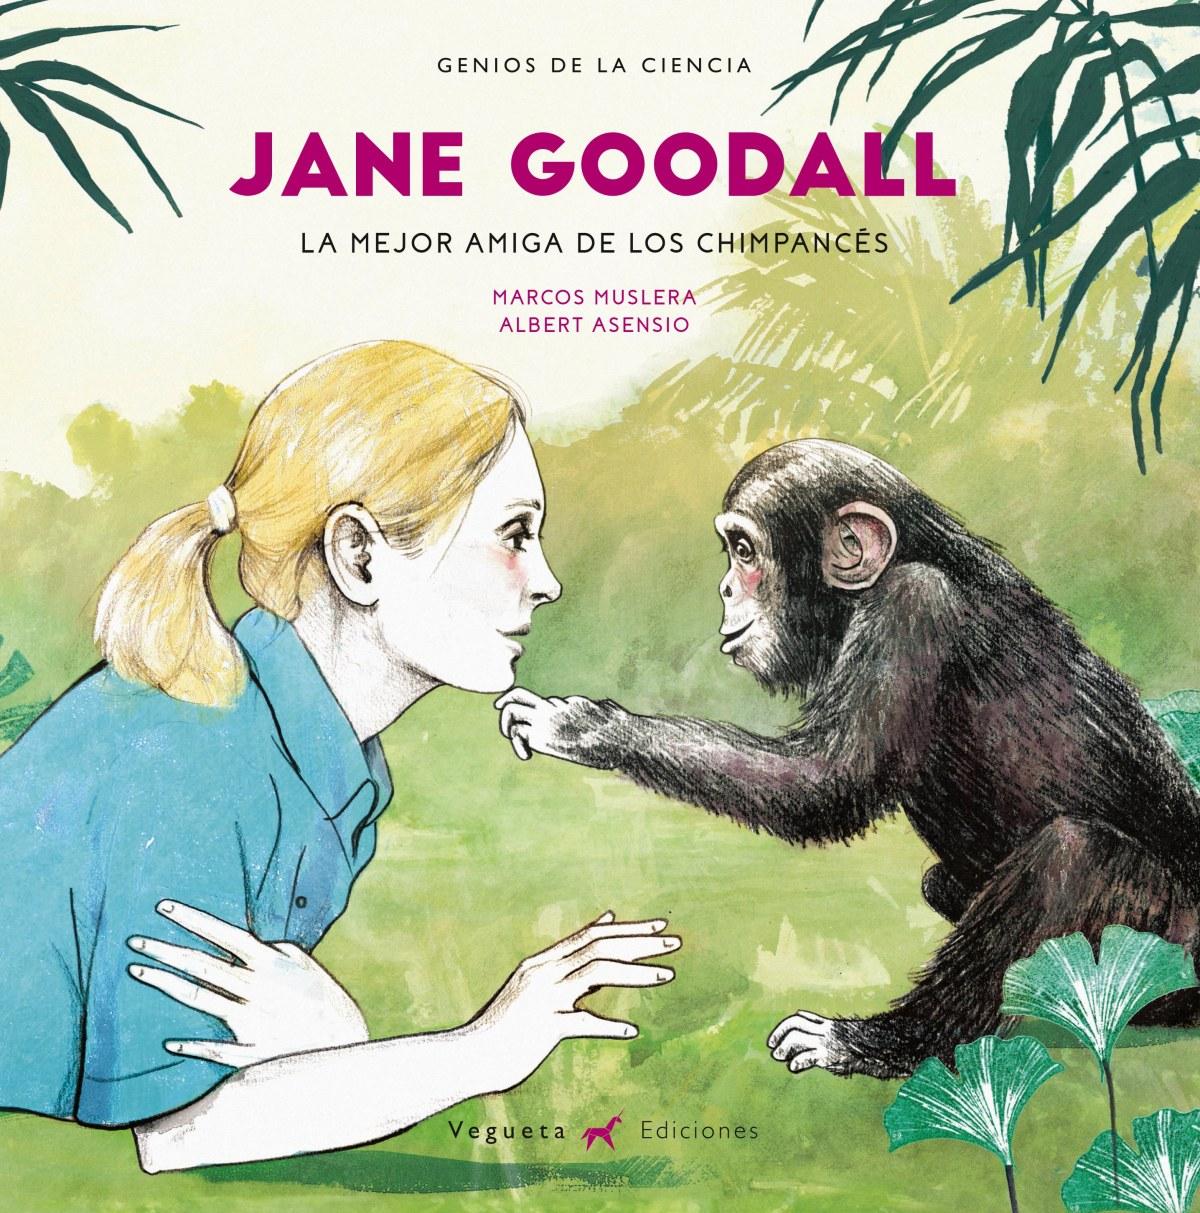 JANE GOODALL: LA MEJOR AMIGA DE LOS CHIMPANCES